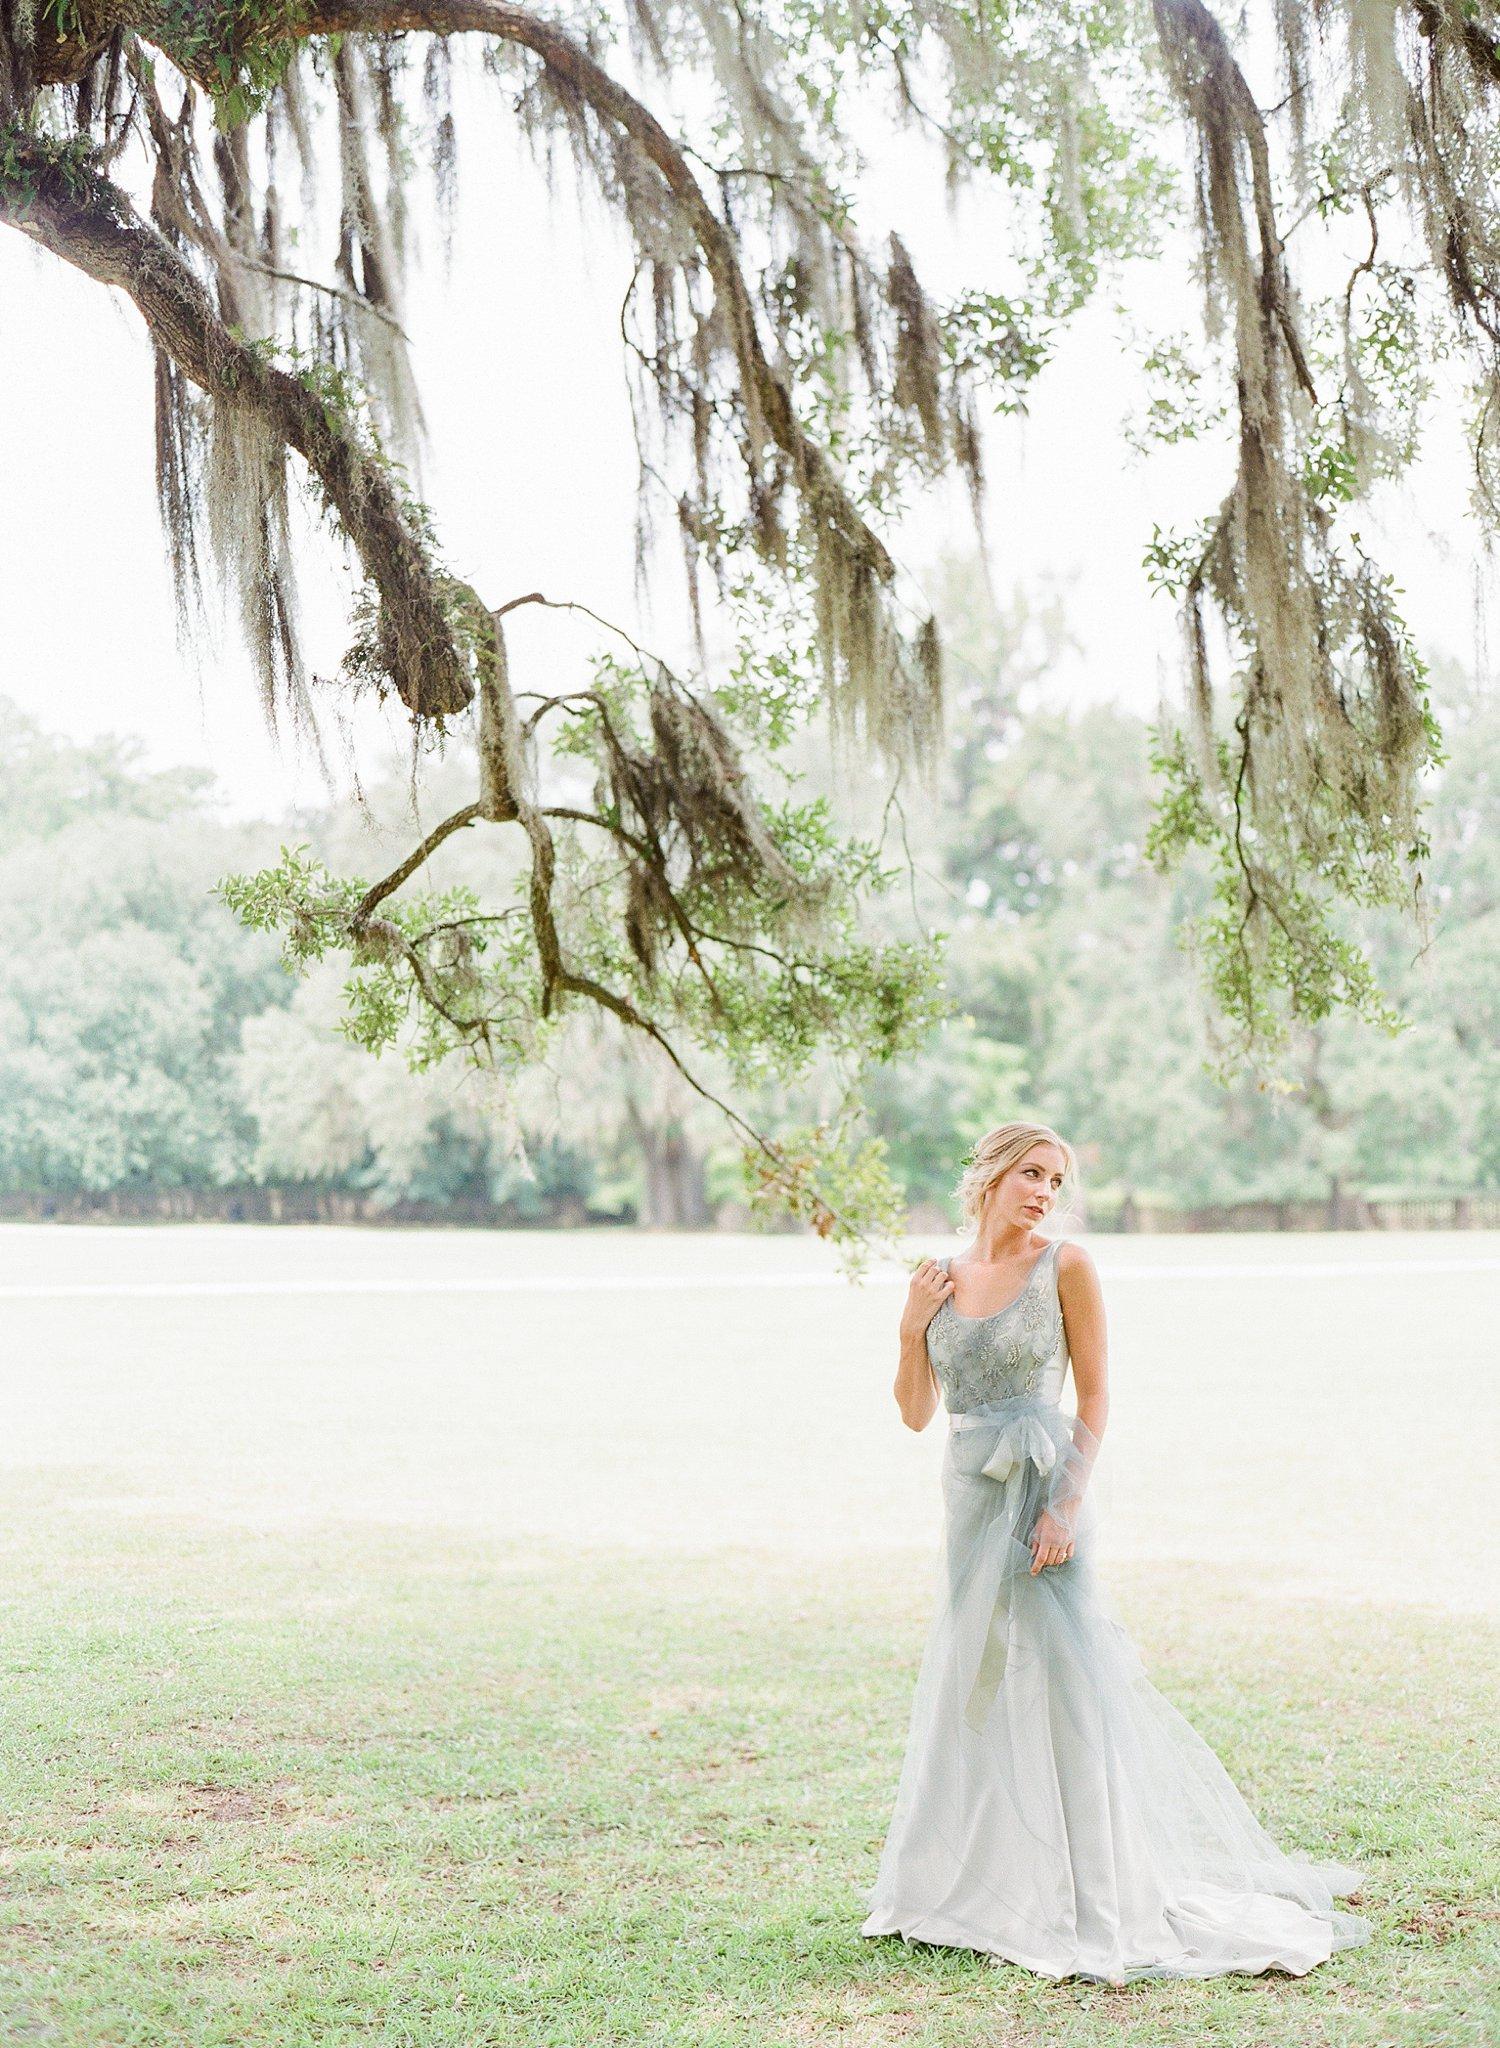 Carol Hannah Bridal Downton Gown TSOS-joyce-ko-jodimillerphoto_015.JPG